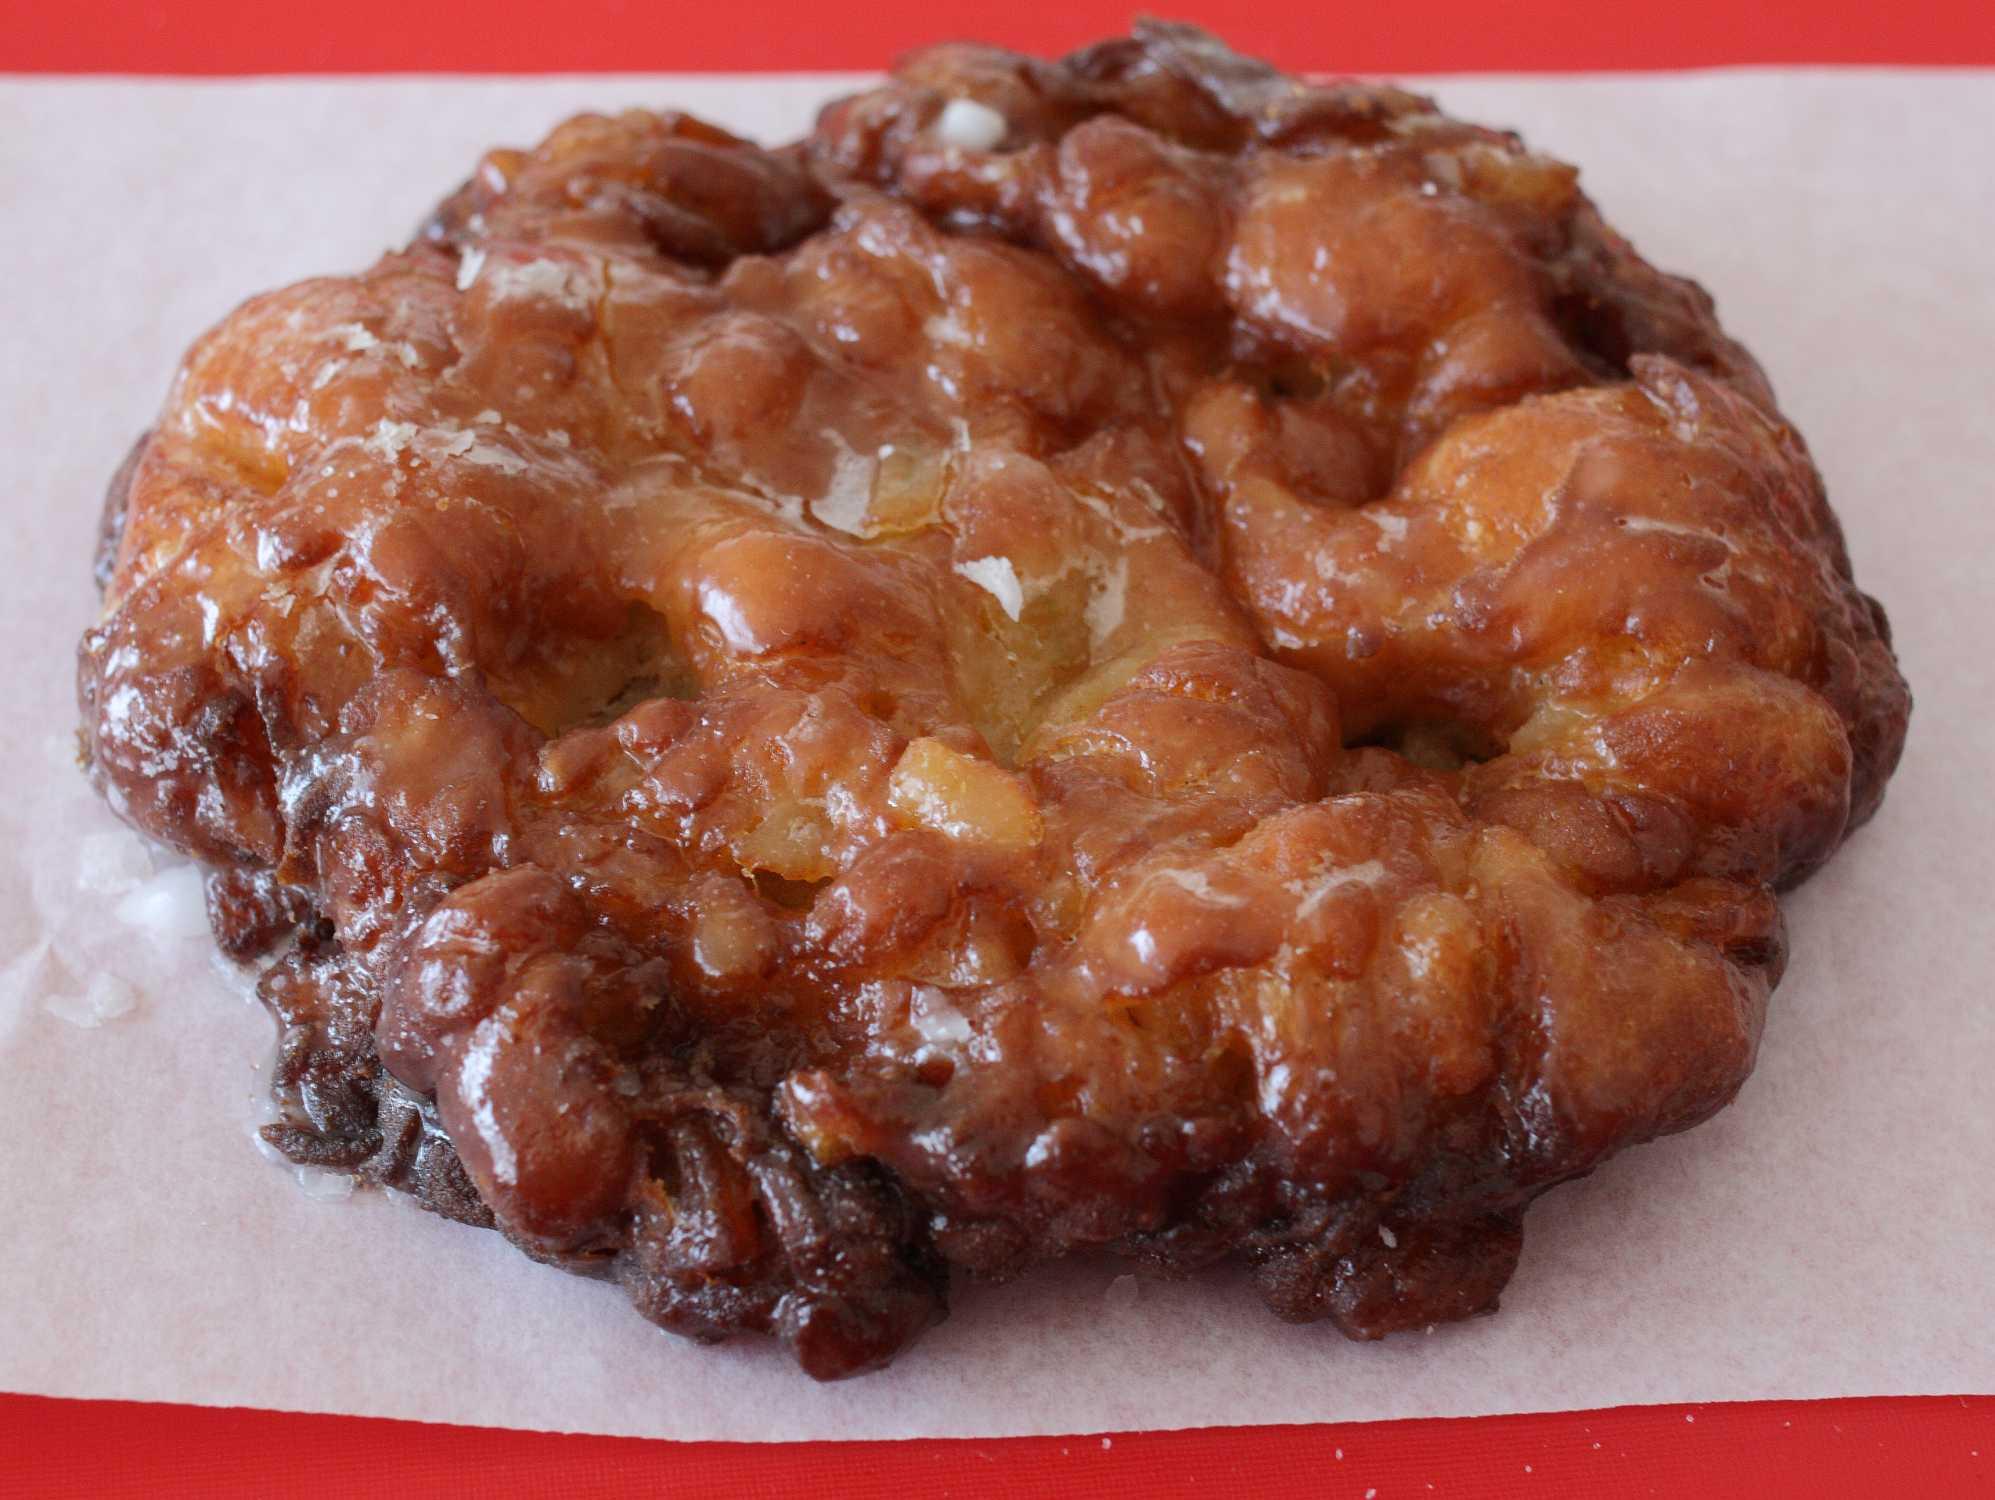 donut Indo sletje anal